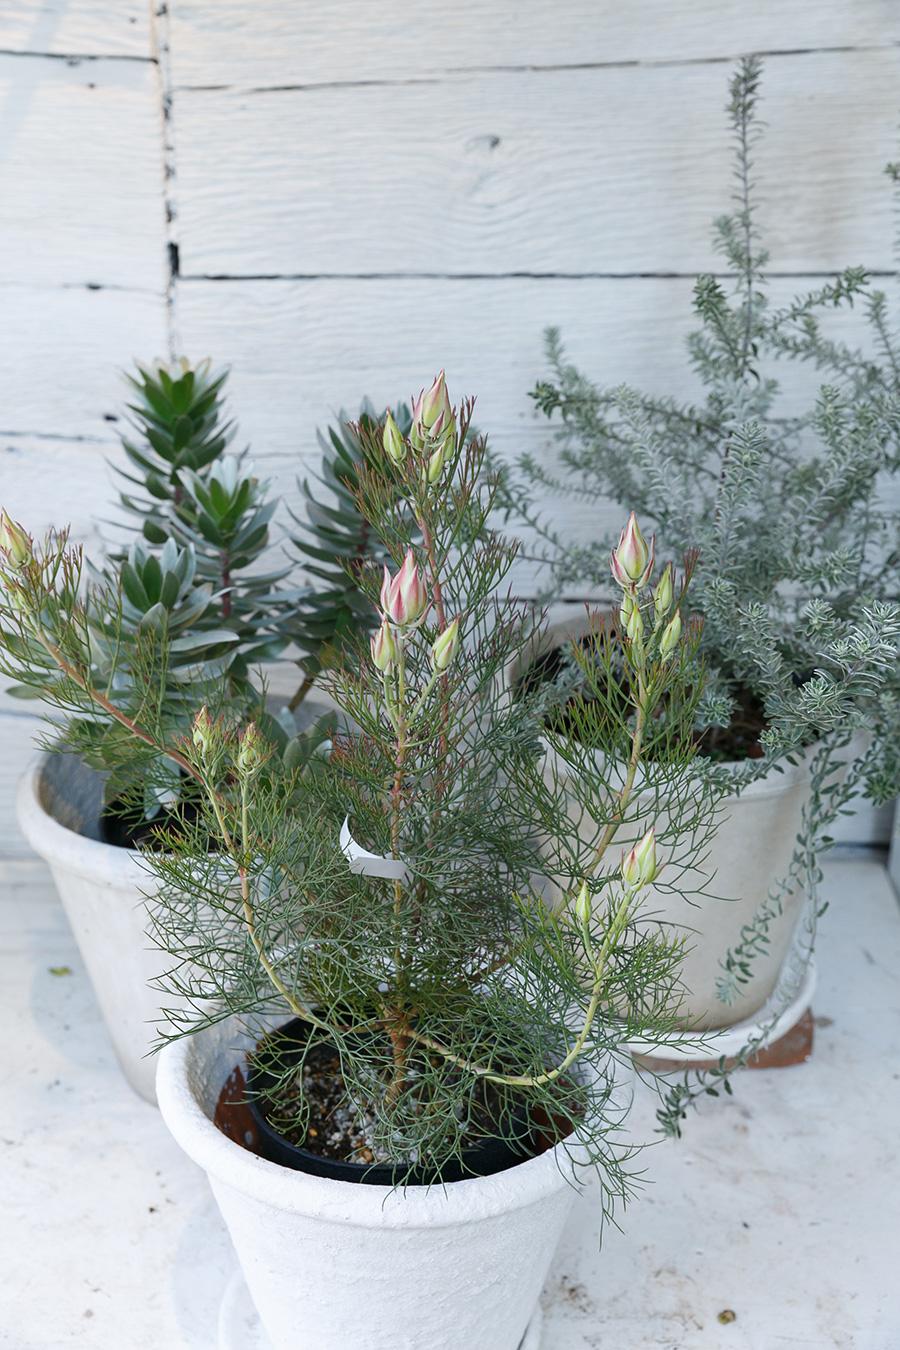 手前が花芽をつけたセルリア。左がクラッカージャック、プロテアの仲間の常緑の低木。右奥がリトルスモーキー。